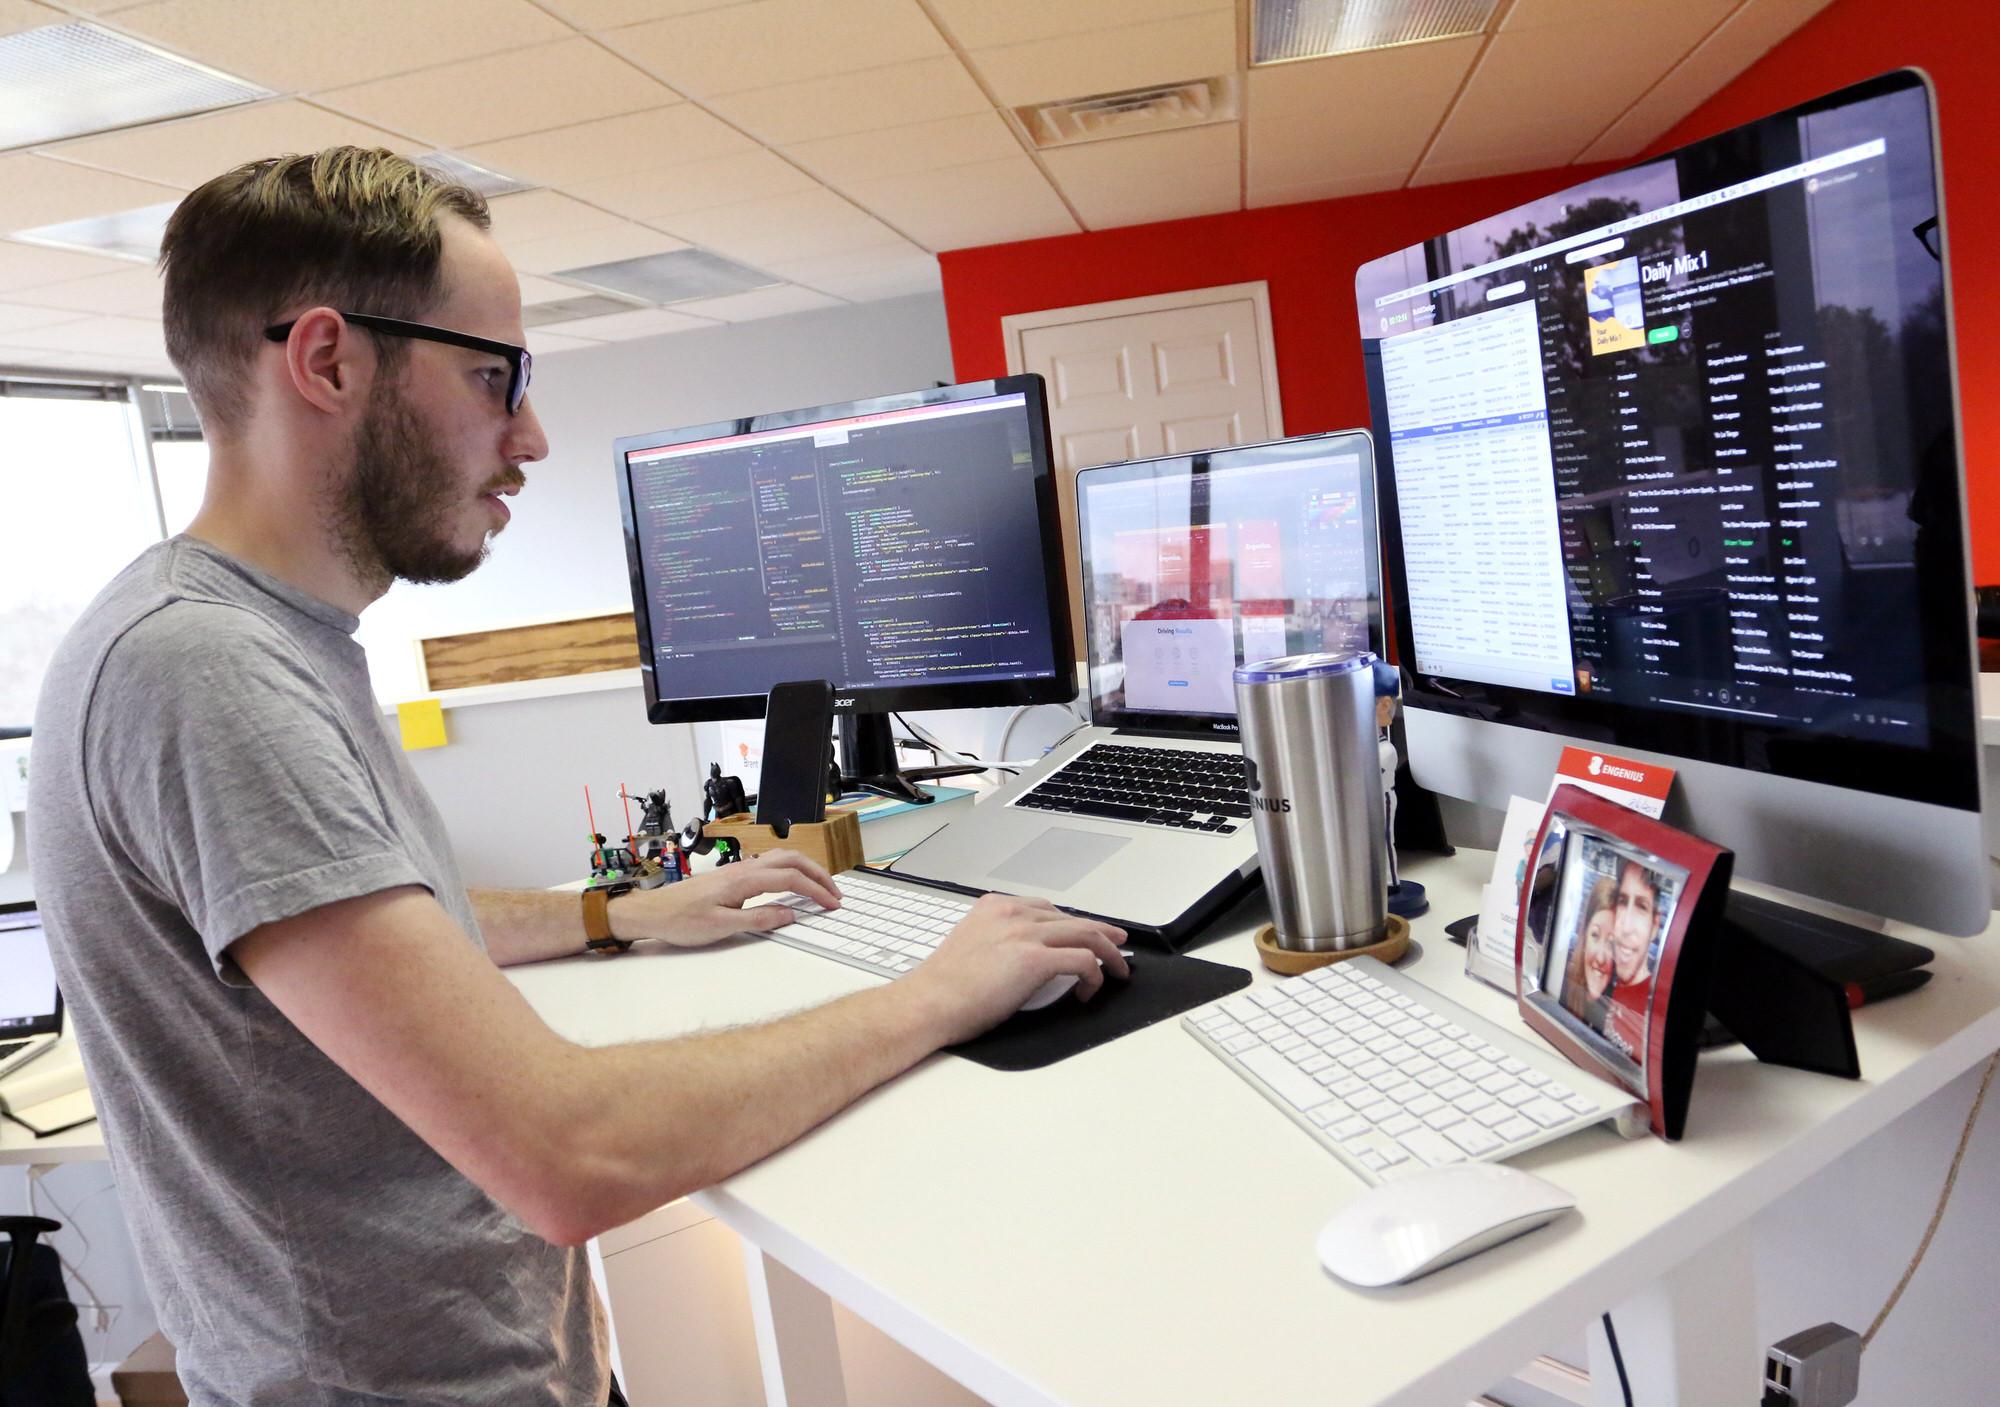 Meet the Team: Brent Alexander, Web Developer